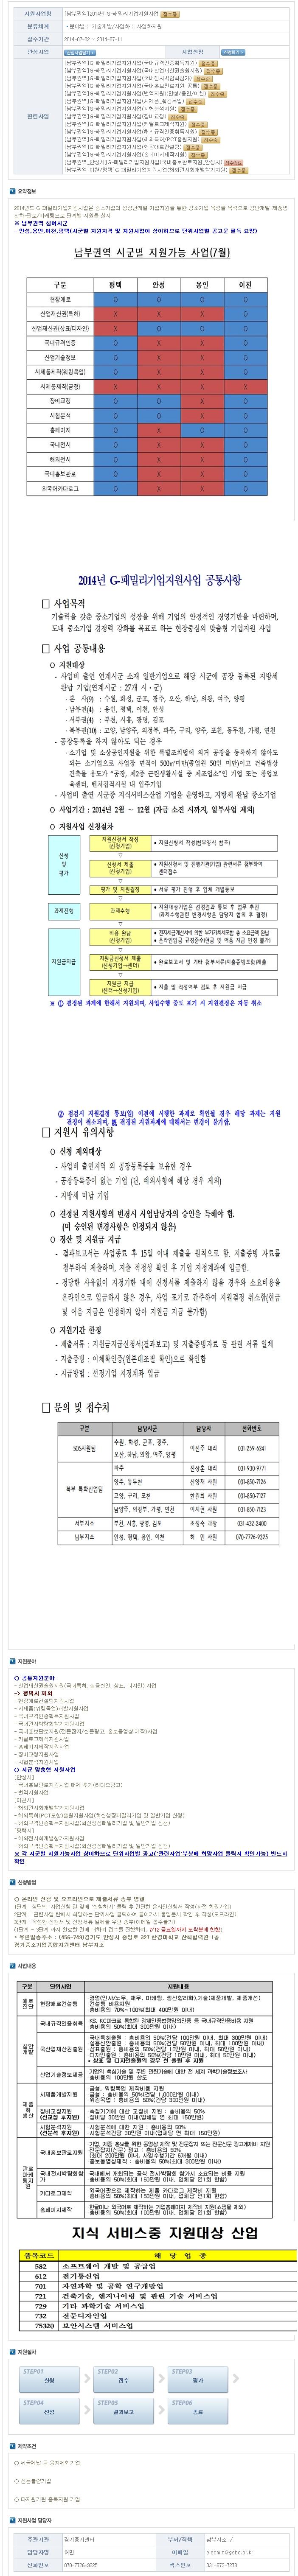 경기남부권지원사업.jpg